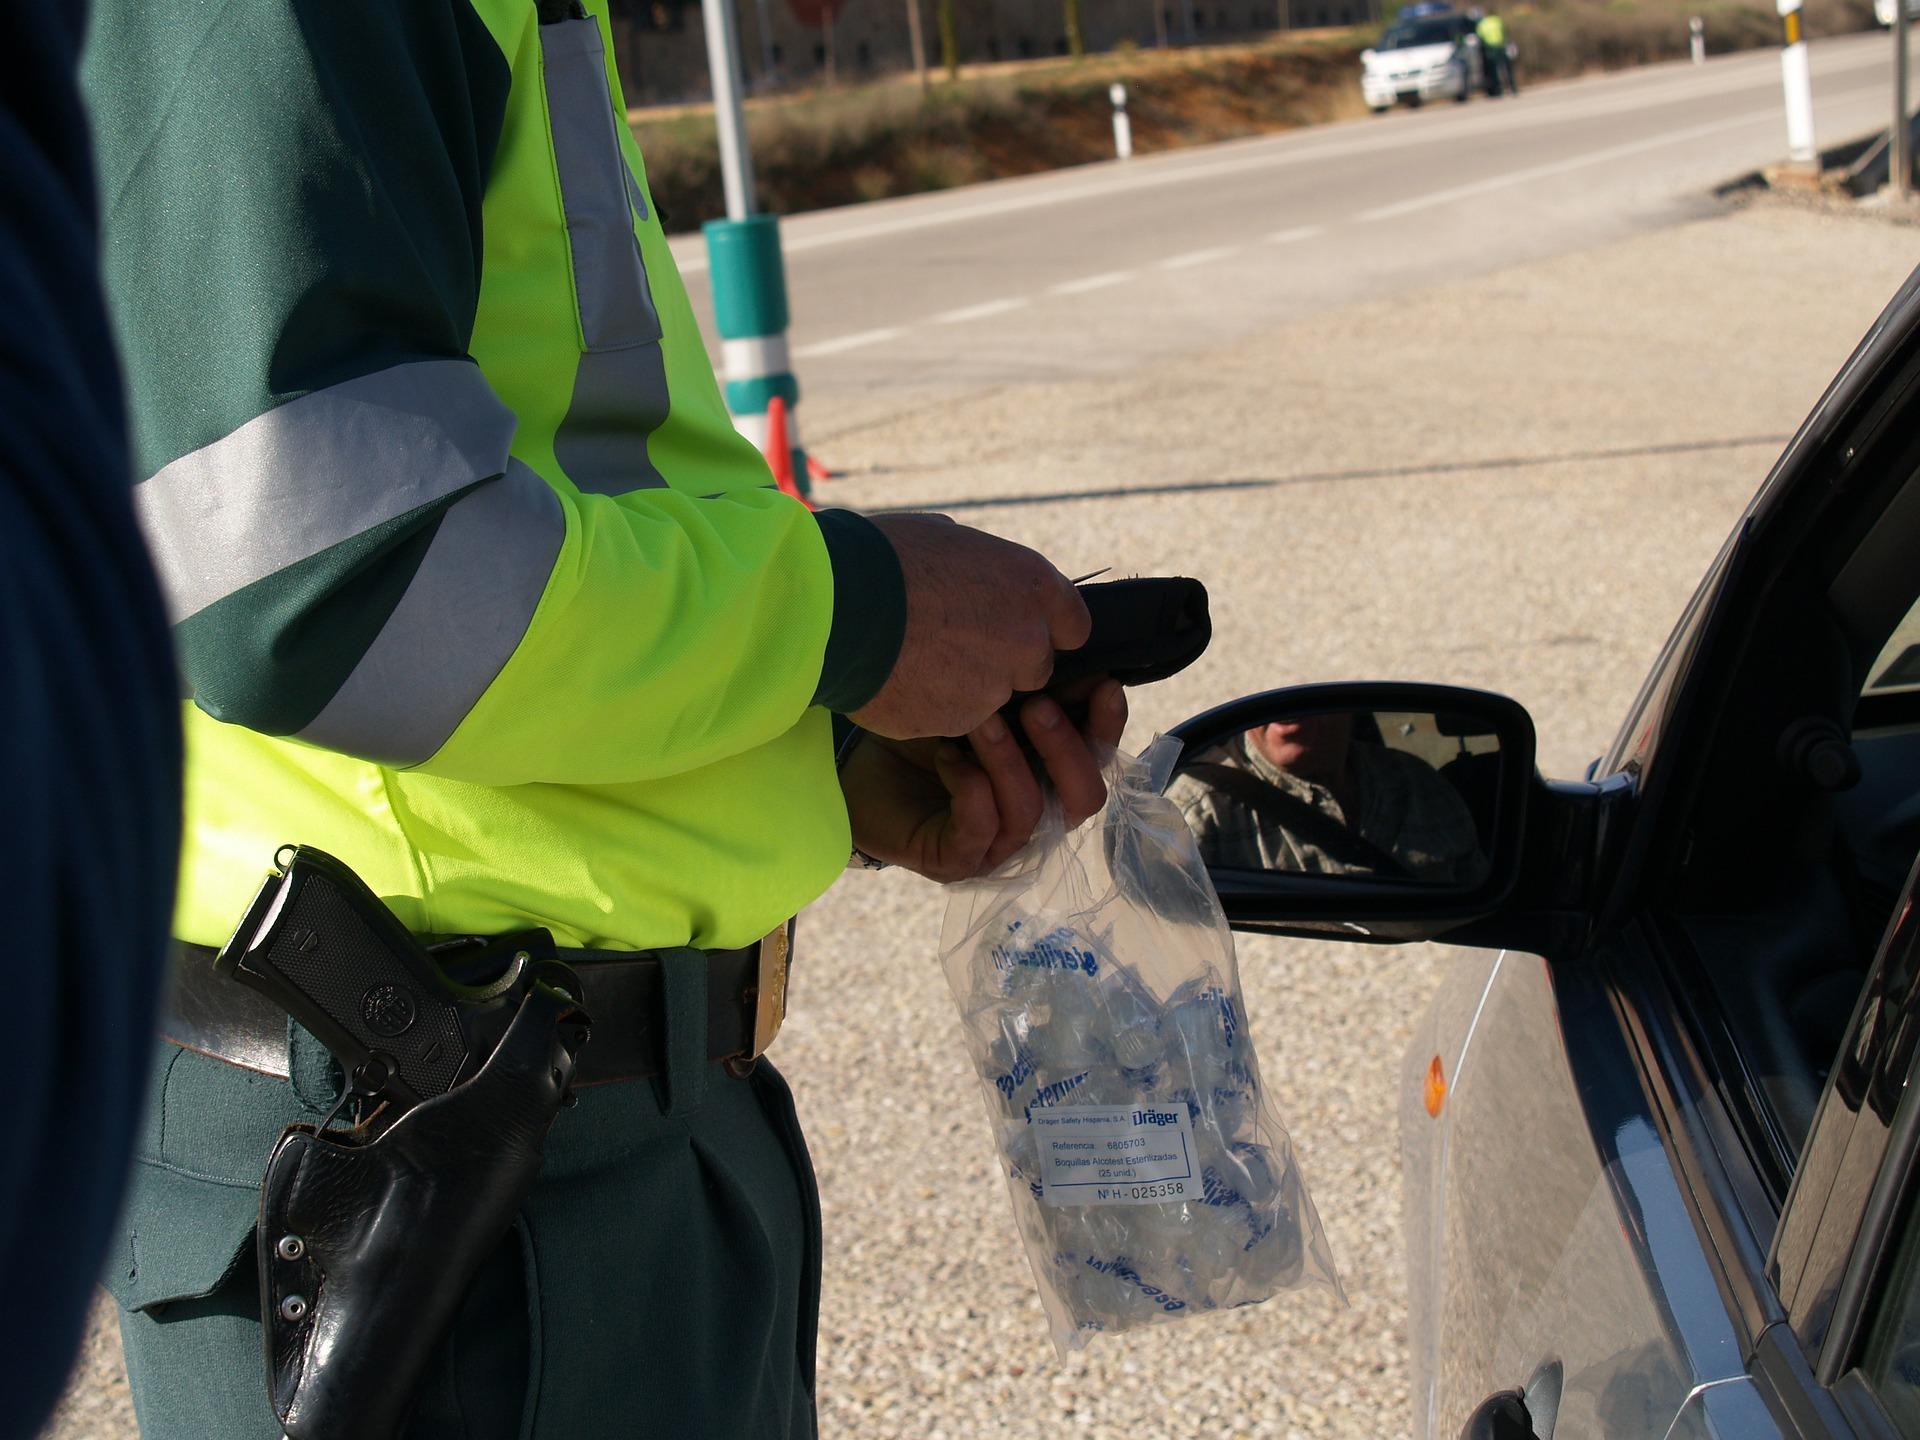 GRABOWNICA STARZEŃSKA: Do pracy na podwójnym gazie! - Zdjęcie główne